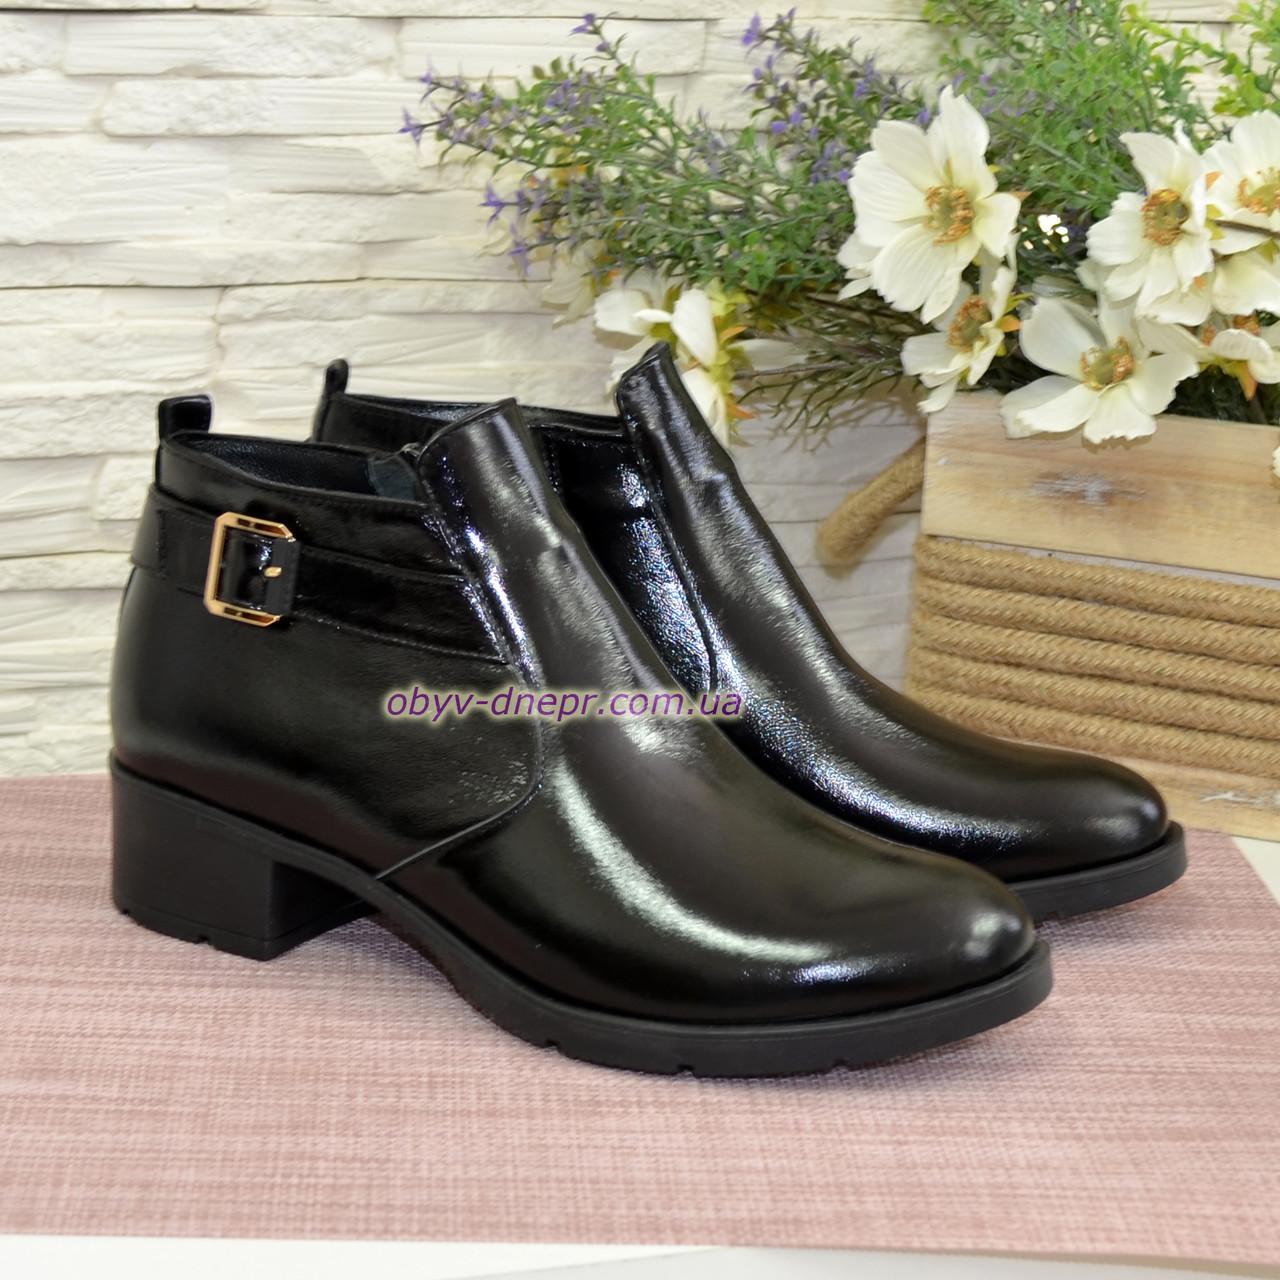 Ботинки зимние лаковые на невысоком каблуке